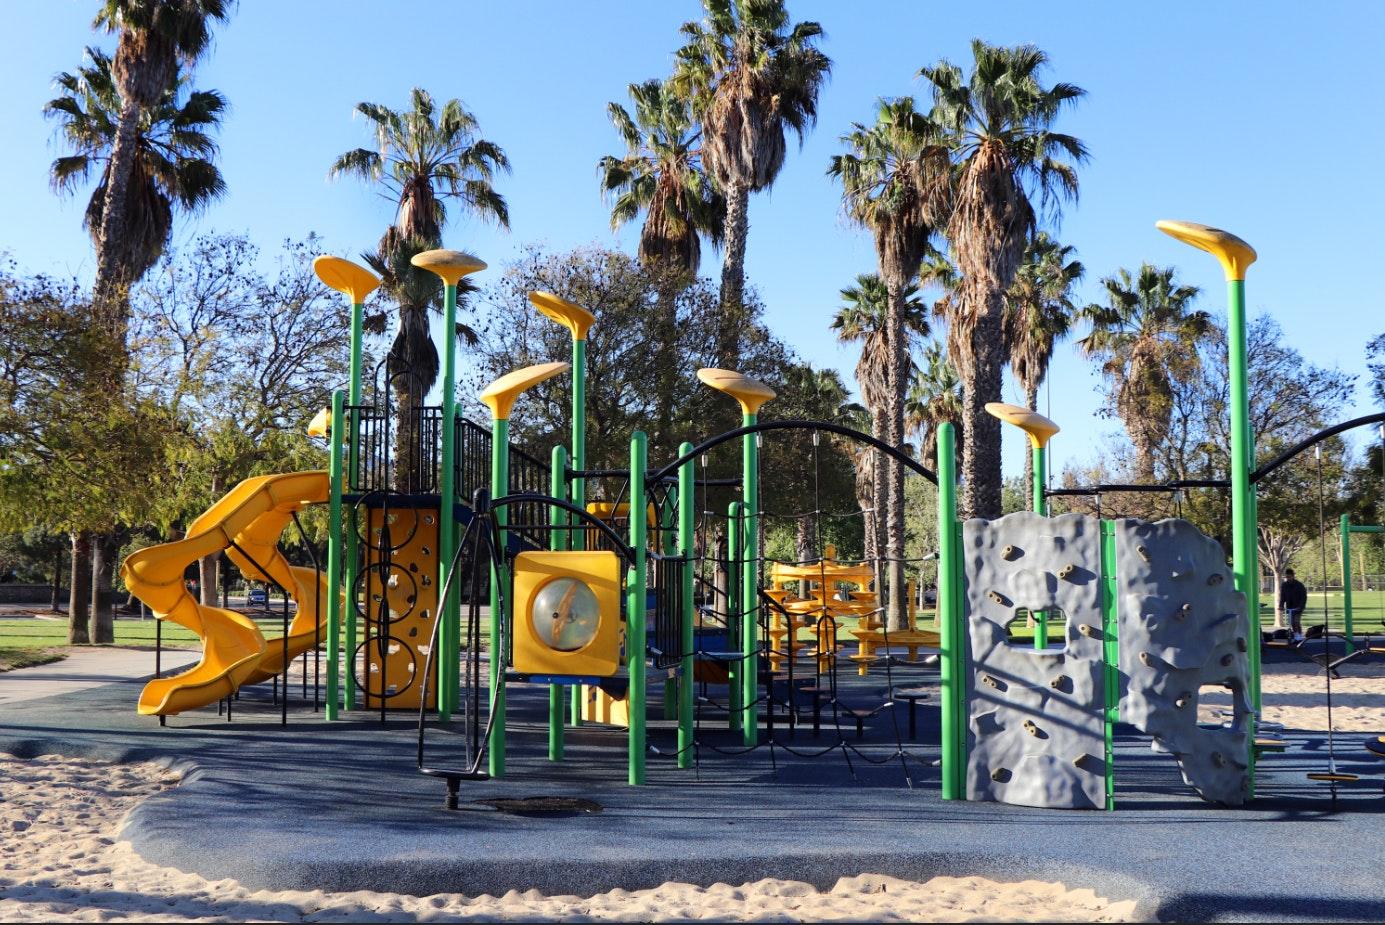 Misson Oaks Park